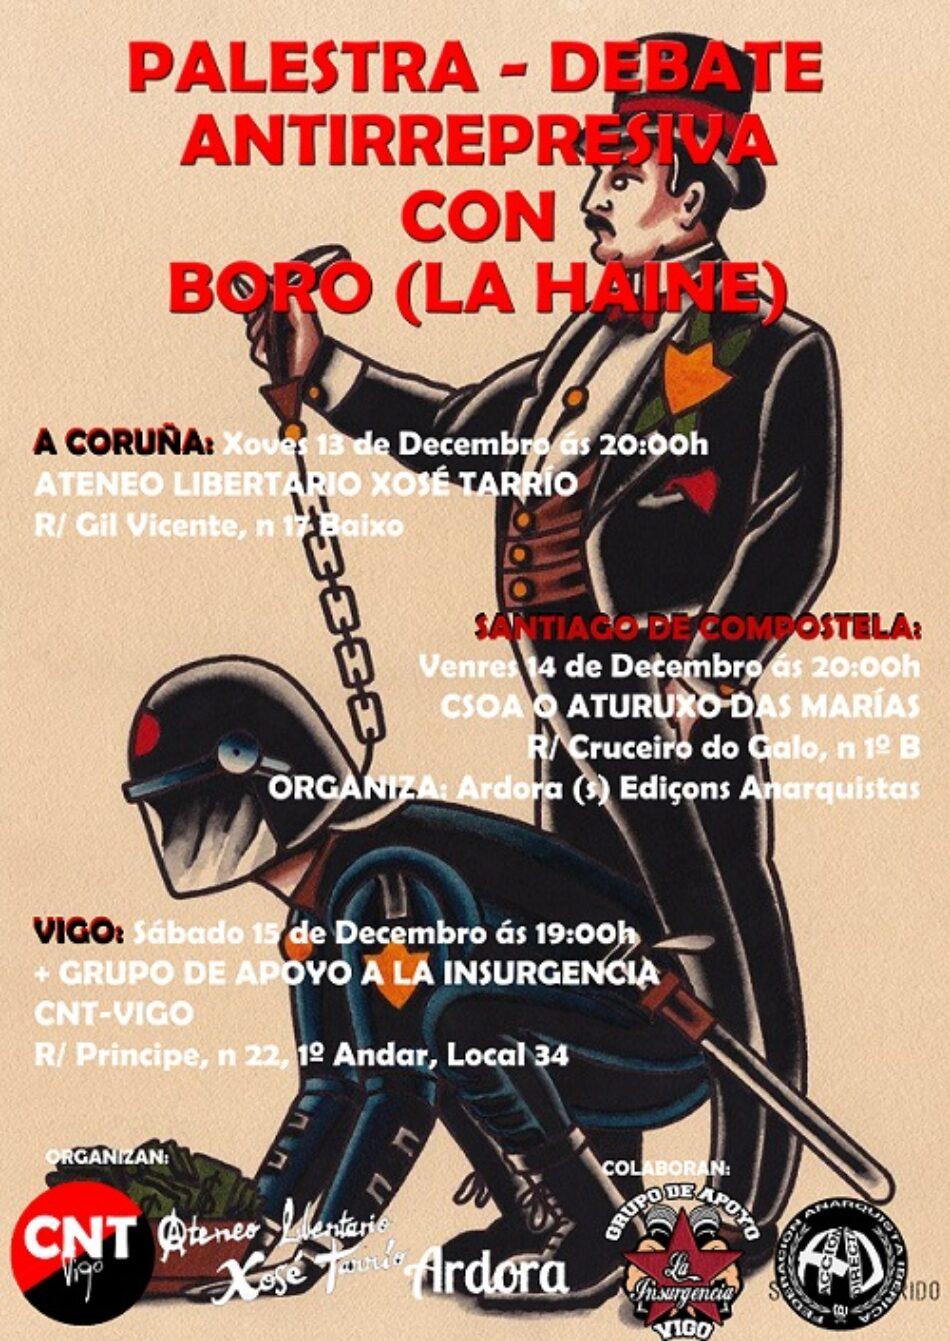 Palestra antirrepresiva en CNT-Vigo: La Insurgencia + Boro (La Haine)